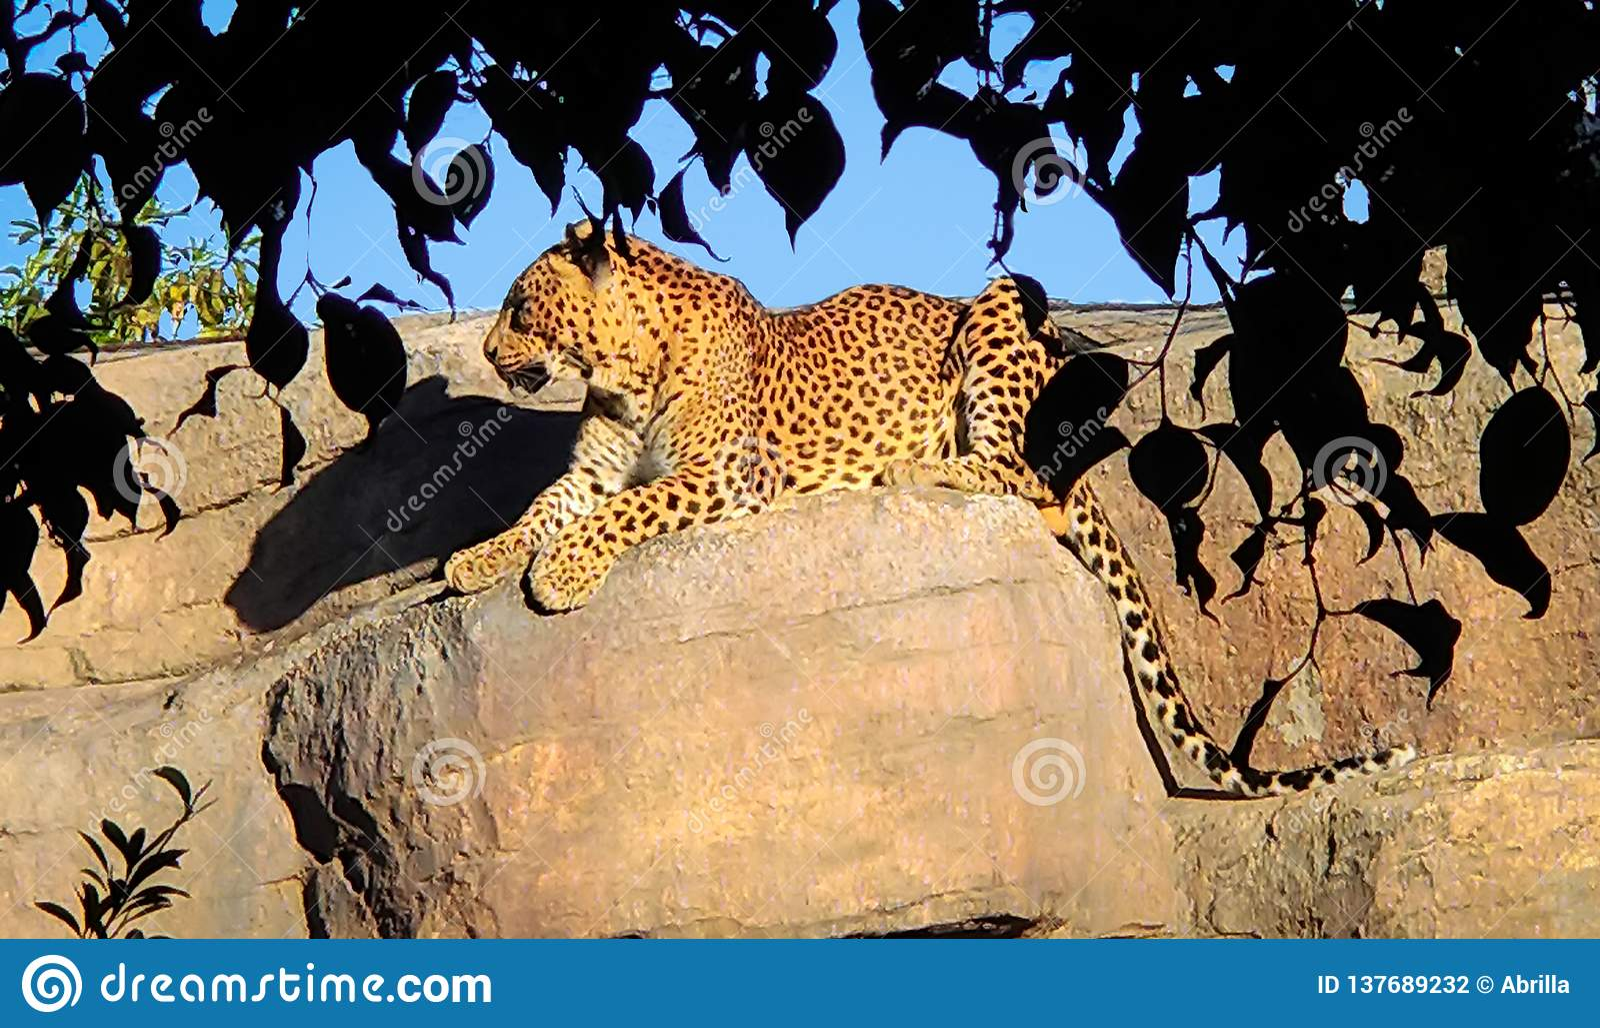 Een mooie grote luipaard ligt stil op een rots